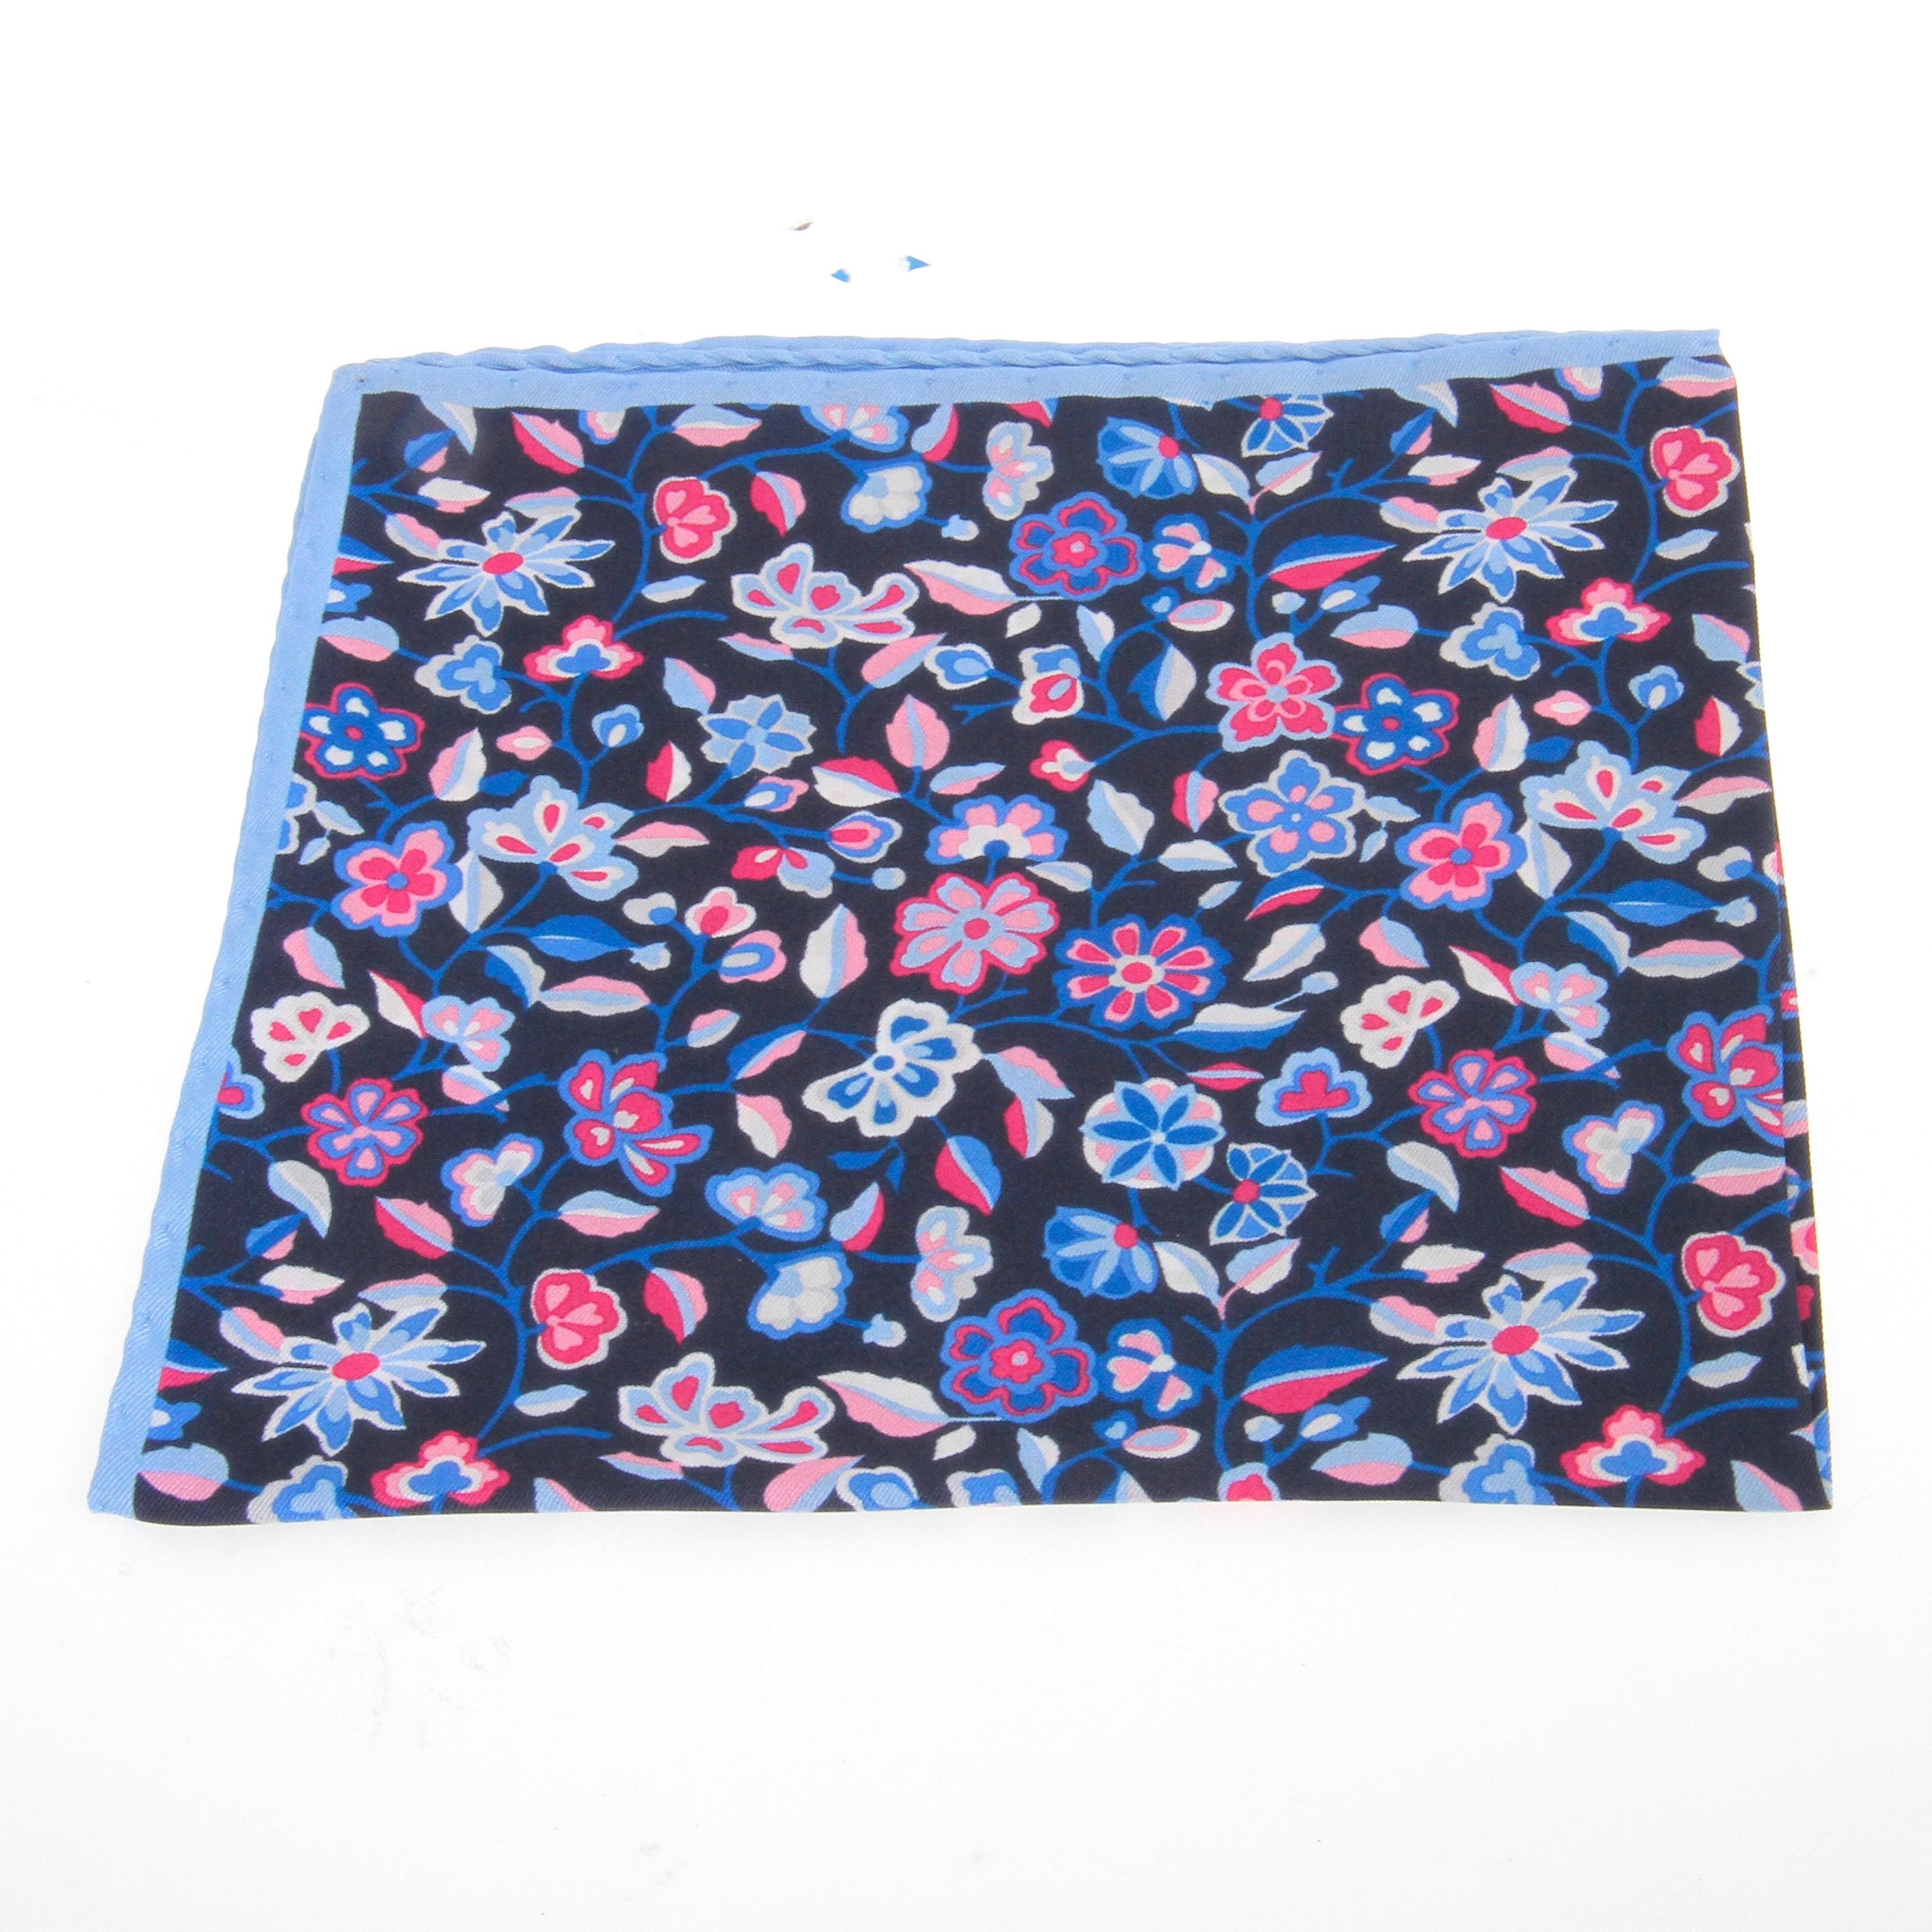 Pochette : marine - Motifs bleus et roses (Pochettes)